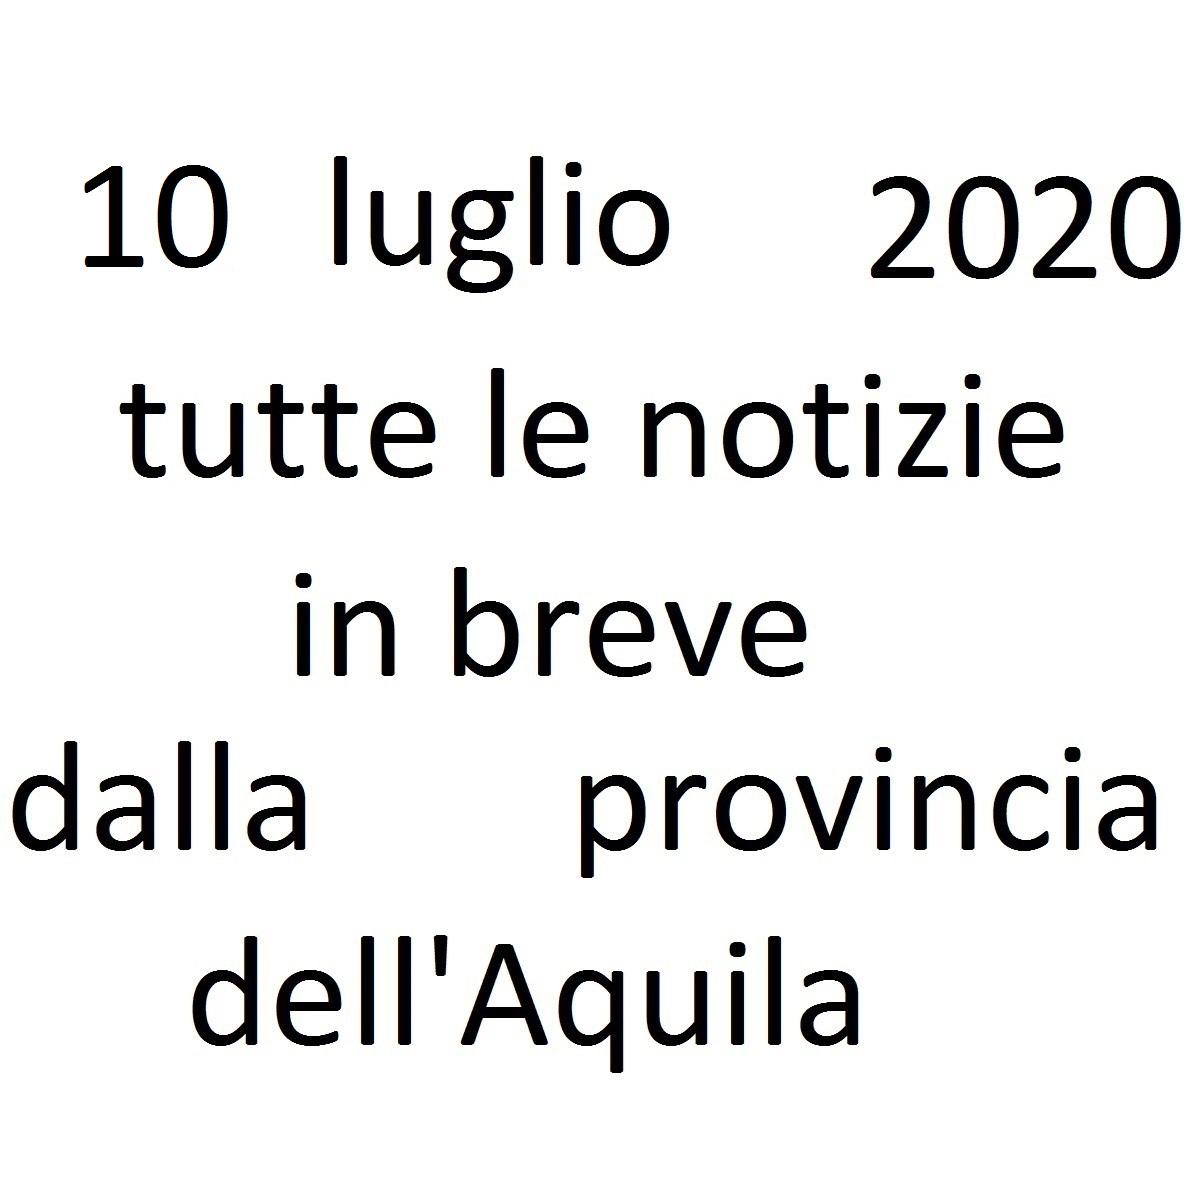 10 luglio 2020 notizie in breve dalla Provincia dell'Aquila foto